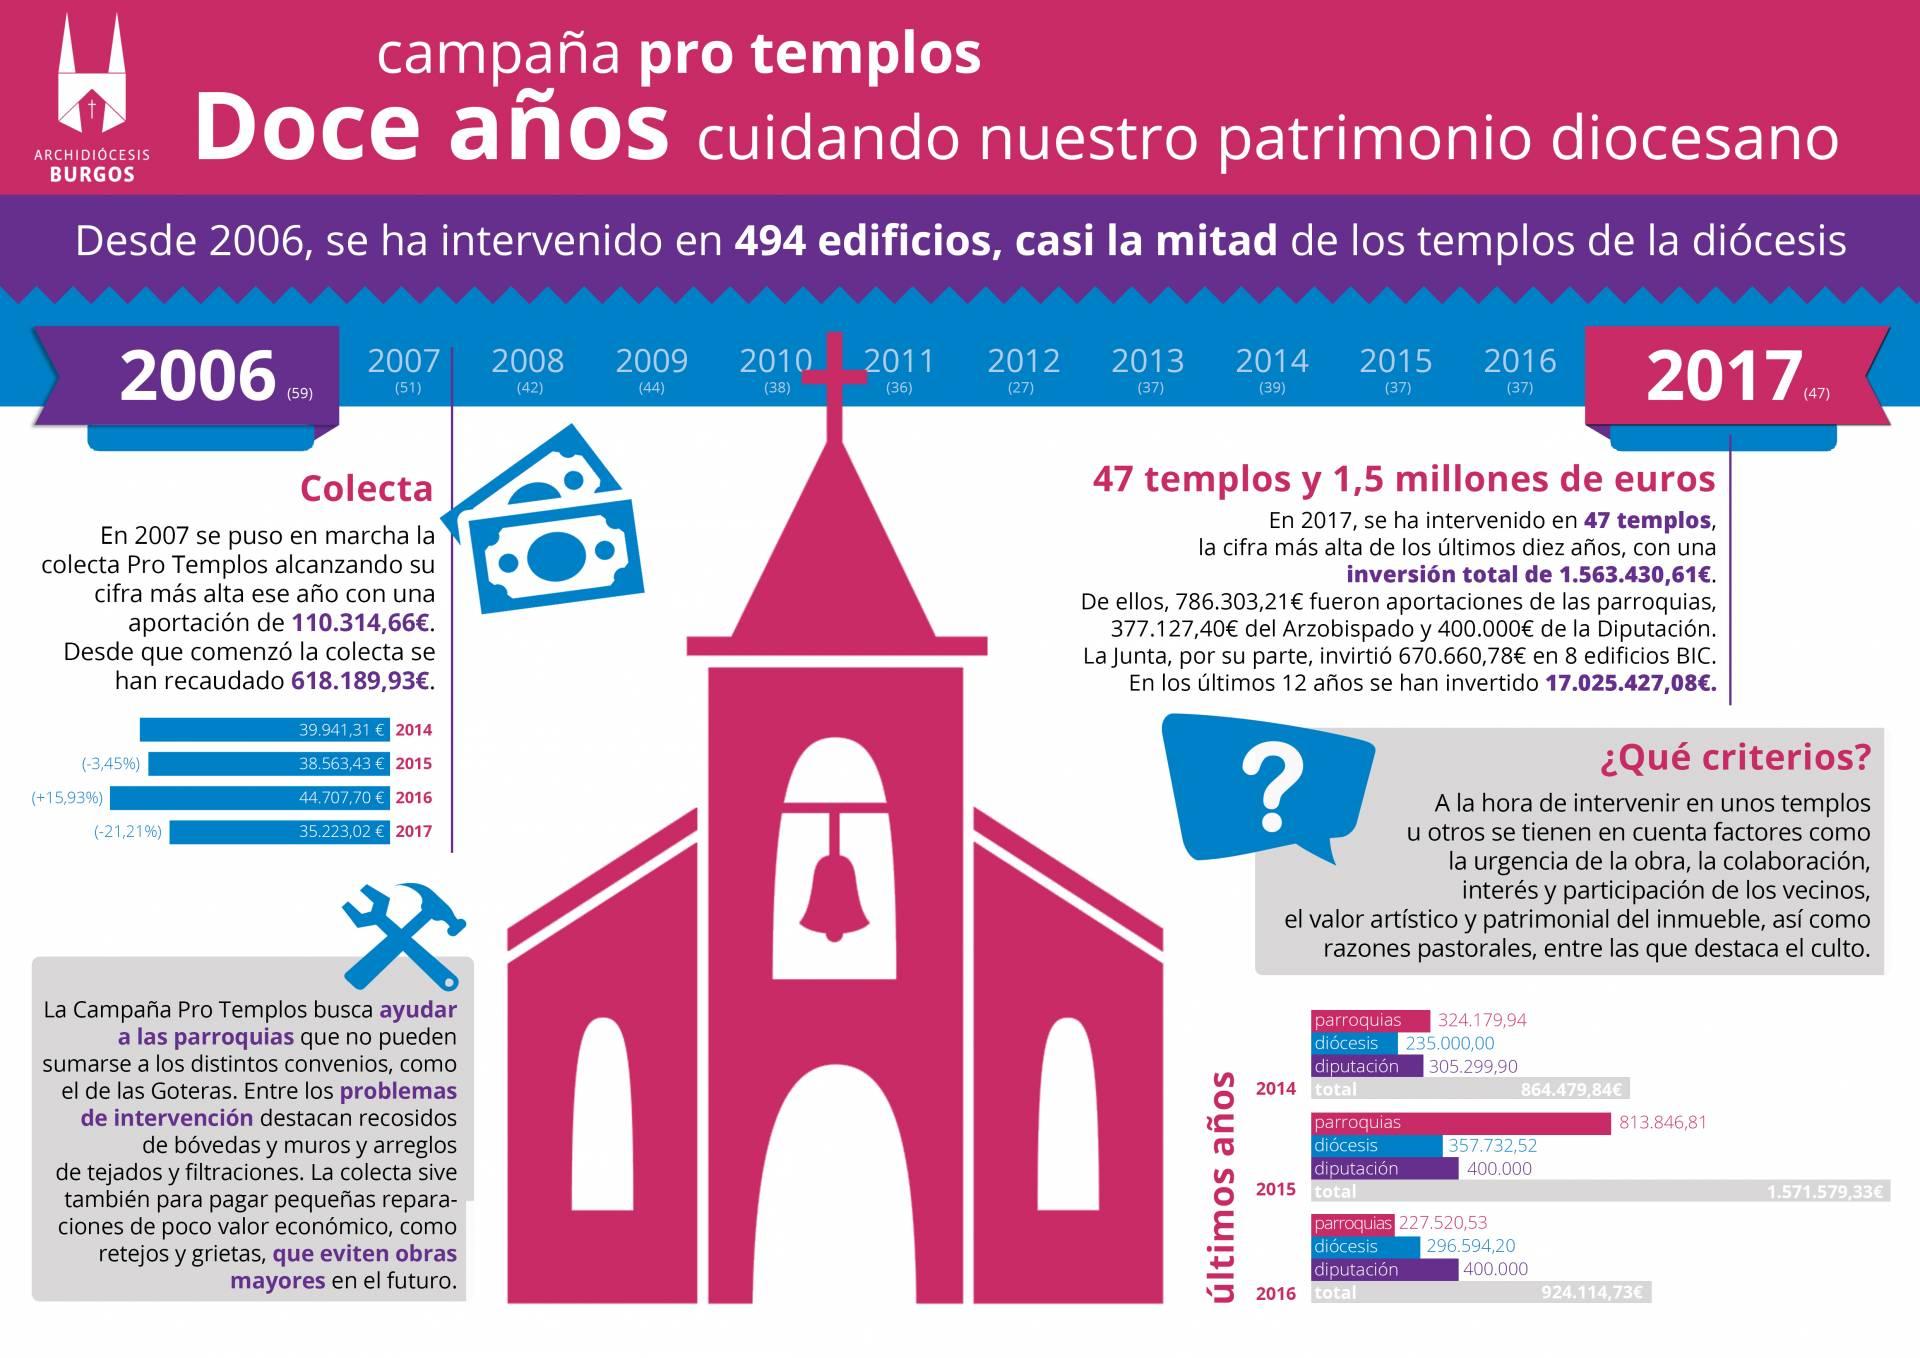 Infográfico de la actuación en el patrimonio diocesano desde 2006. Entre paréntesis, los templos intervenidos cada año.